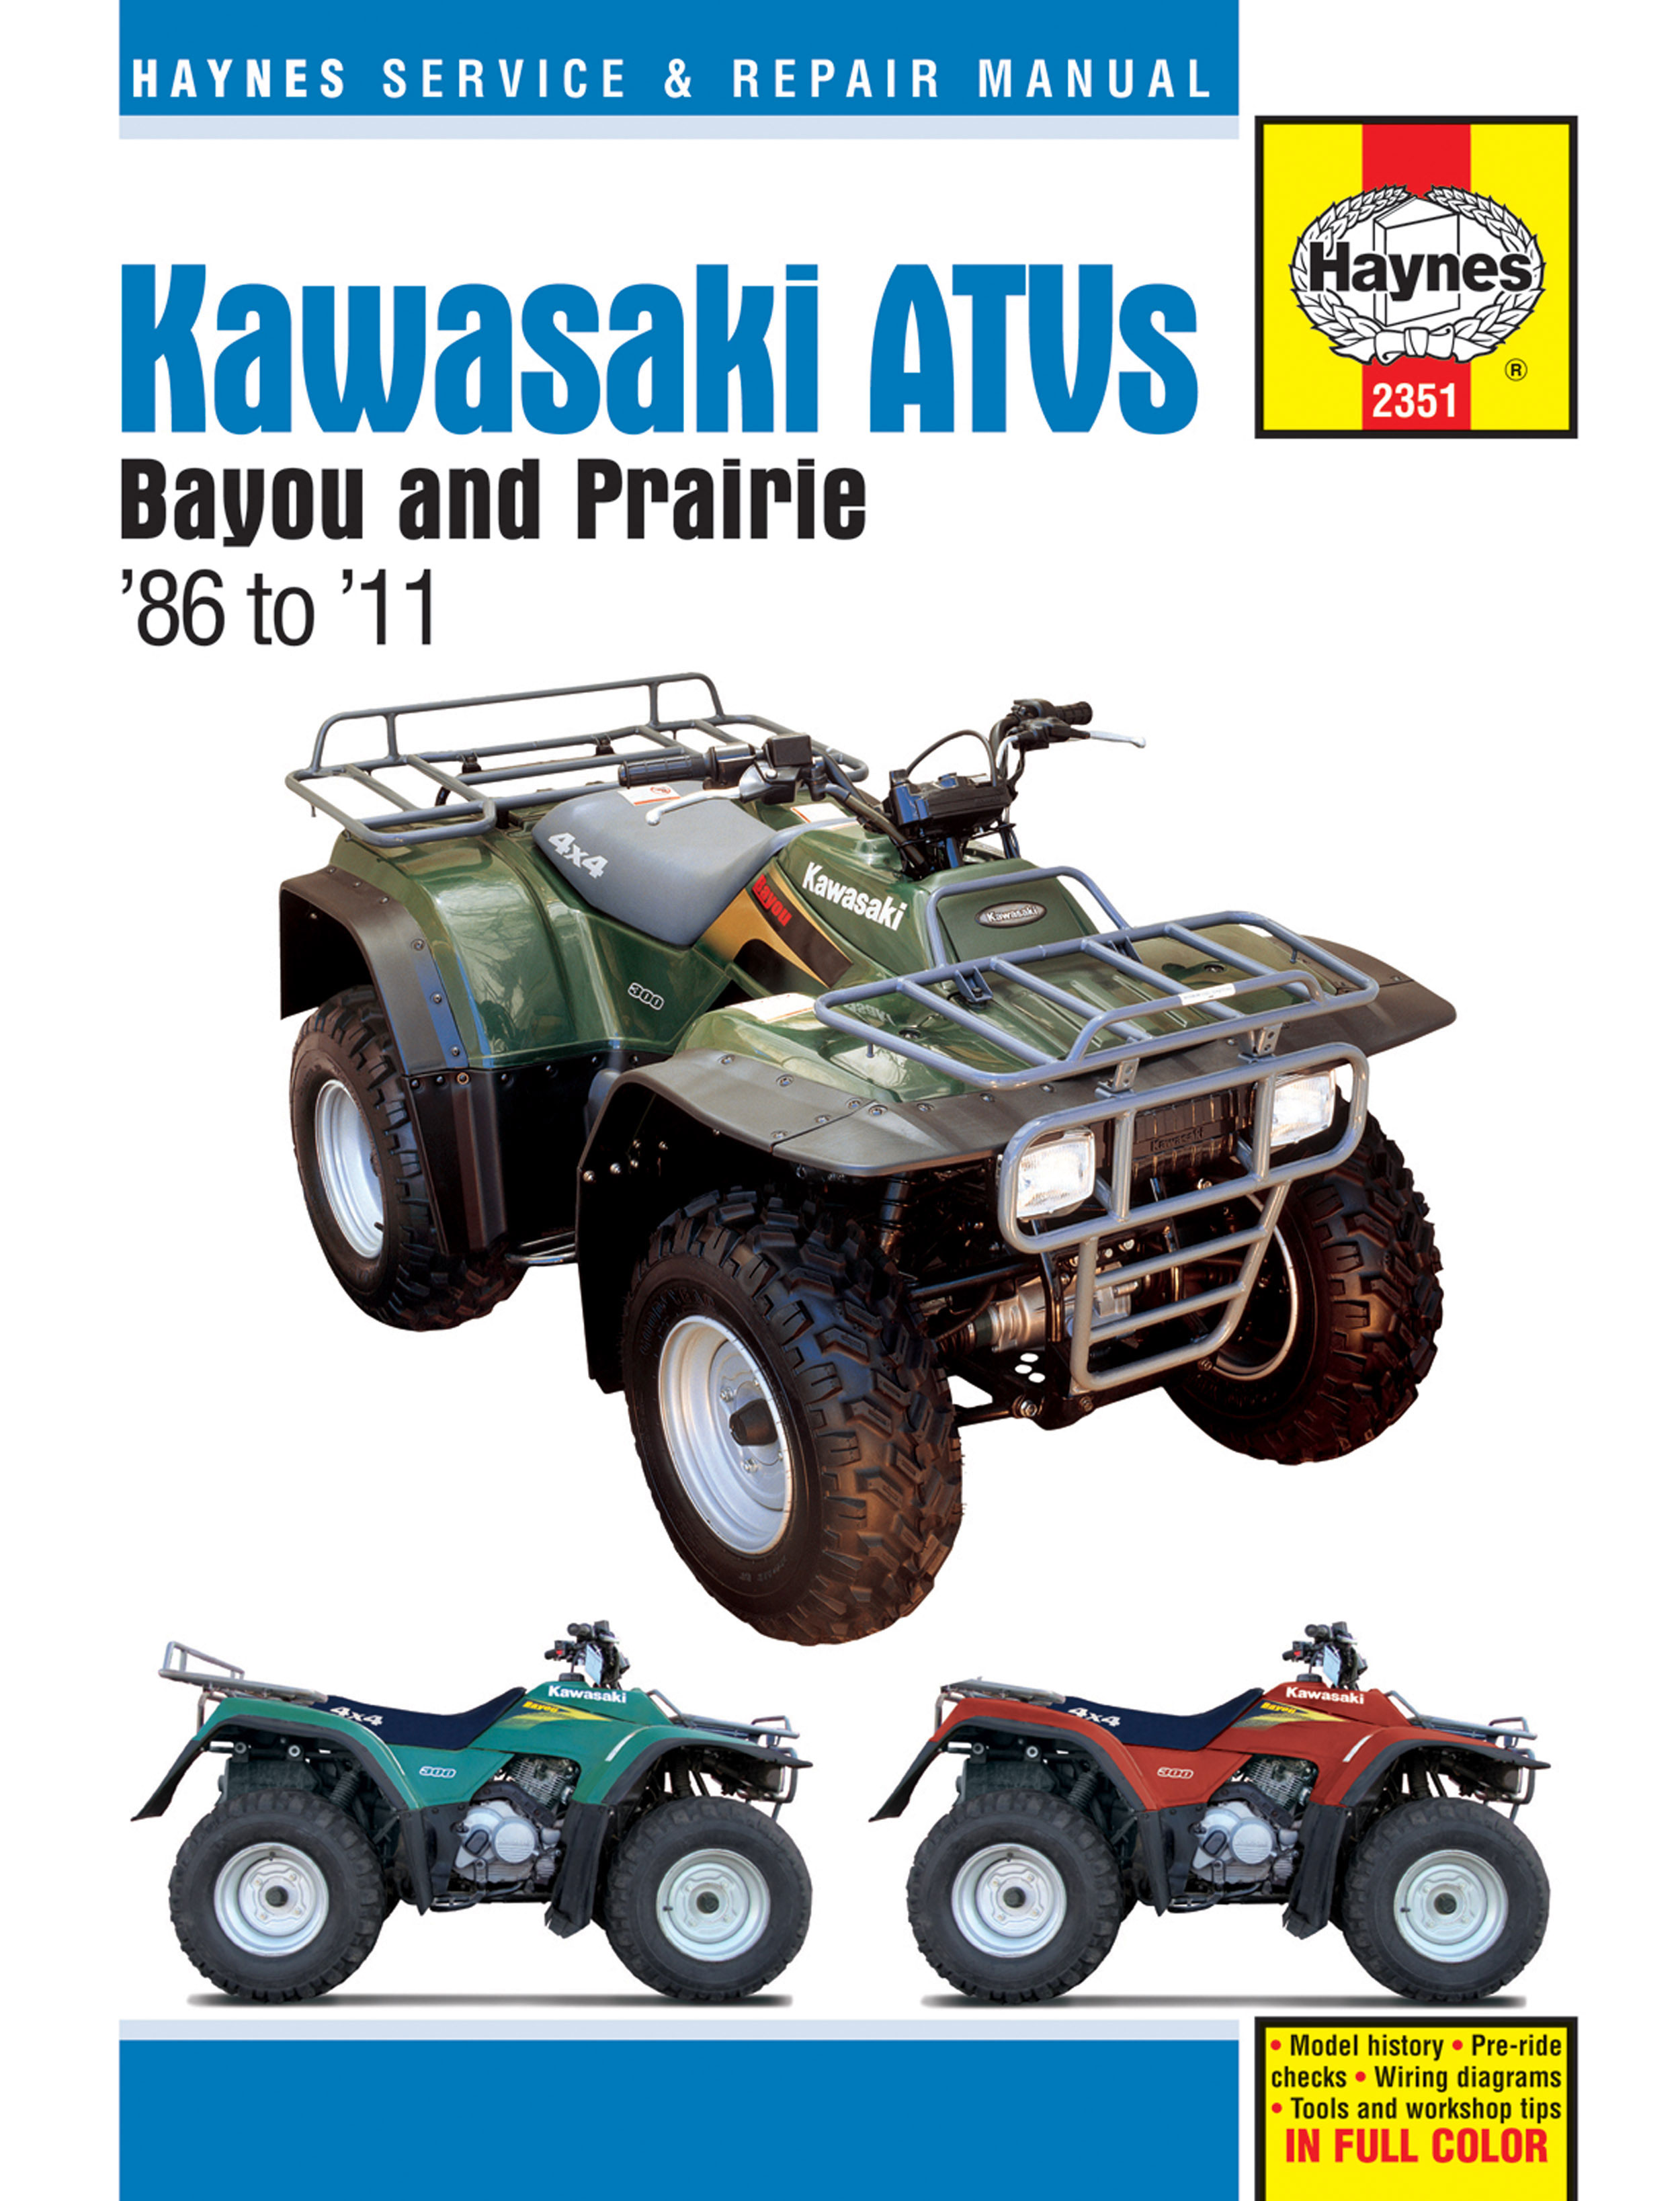 HAYNES Repair Manual - Kawasaki Bayou 220cc/250cc/300cc, Prairie 300cc on